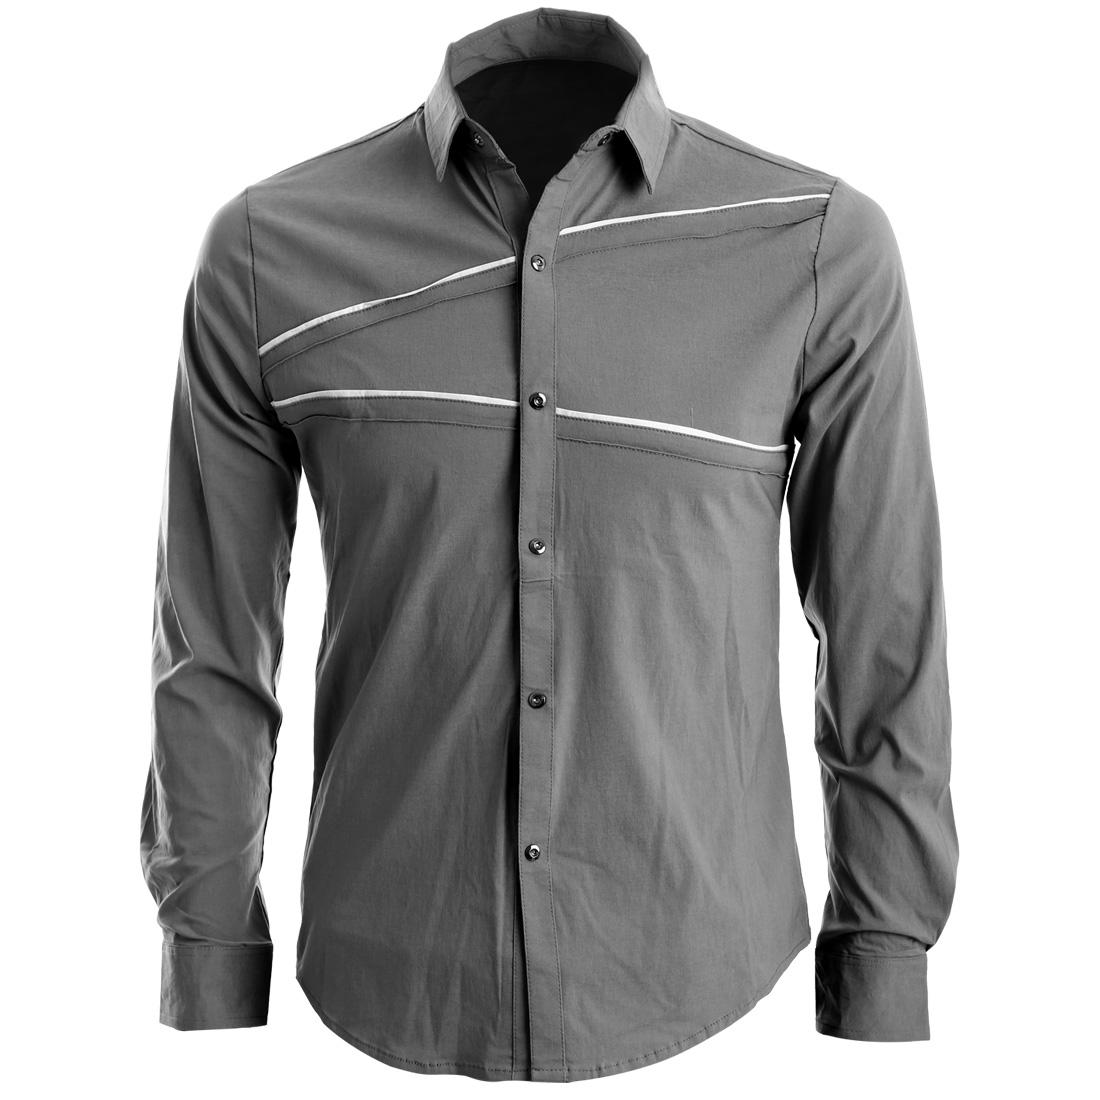 Men Point Collar Long Sleeve Snap Button Up Cuffs Shirt Gray S